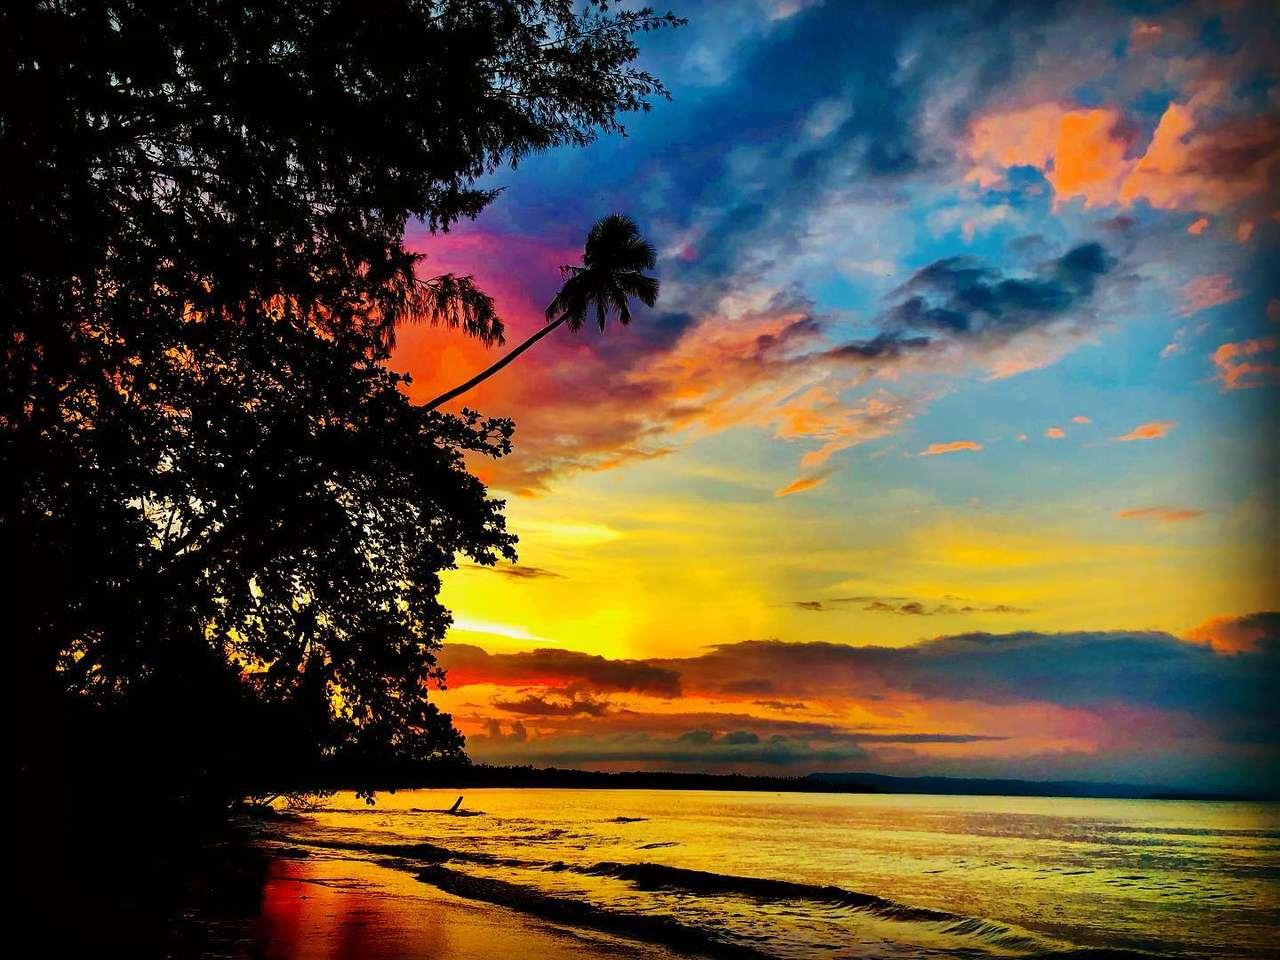 Úžasný západ slunce - Krásný západ slunce na ostrově. Palmy a pláž s oceánem (12×9)